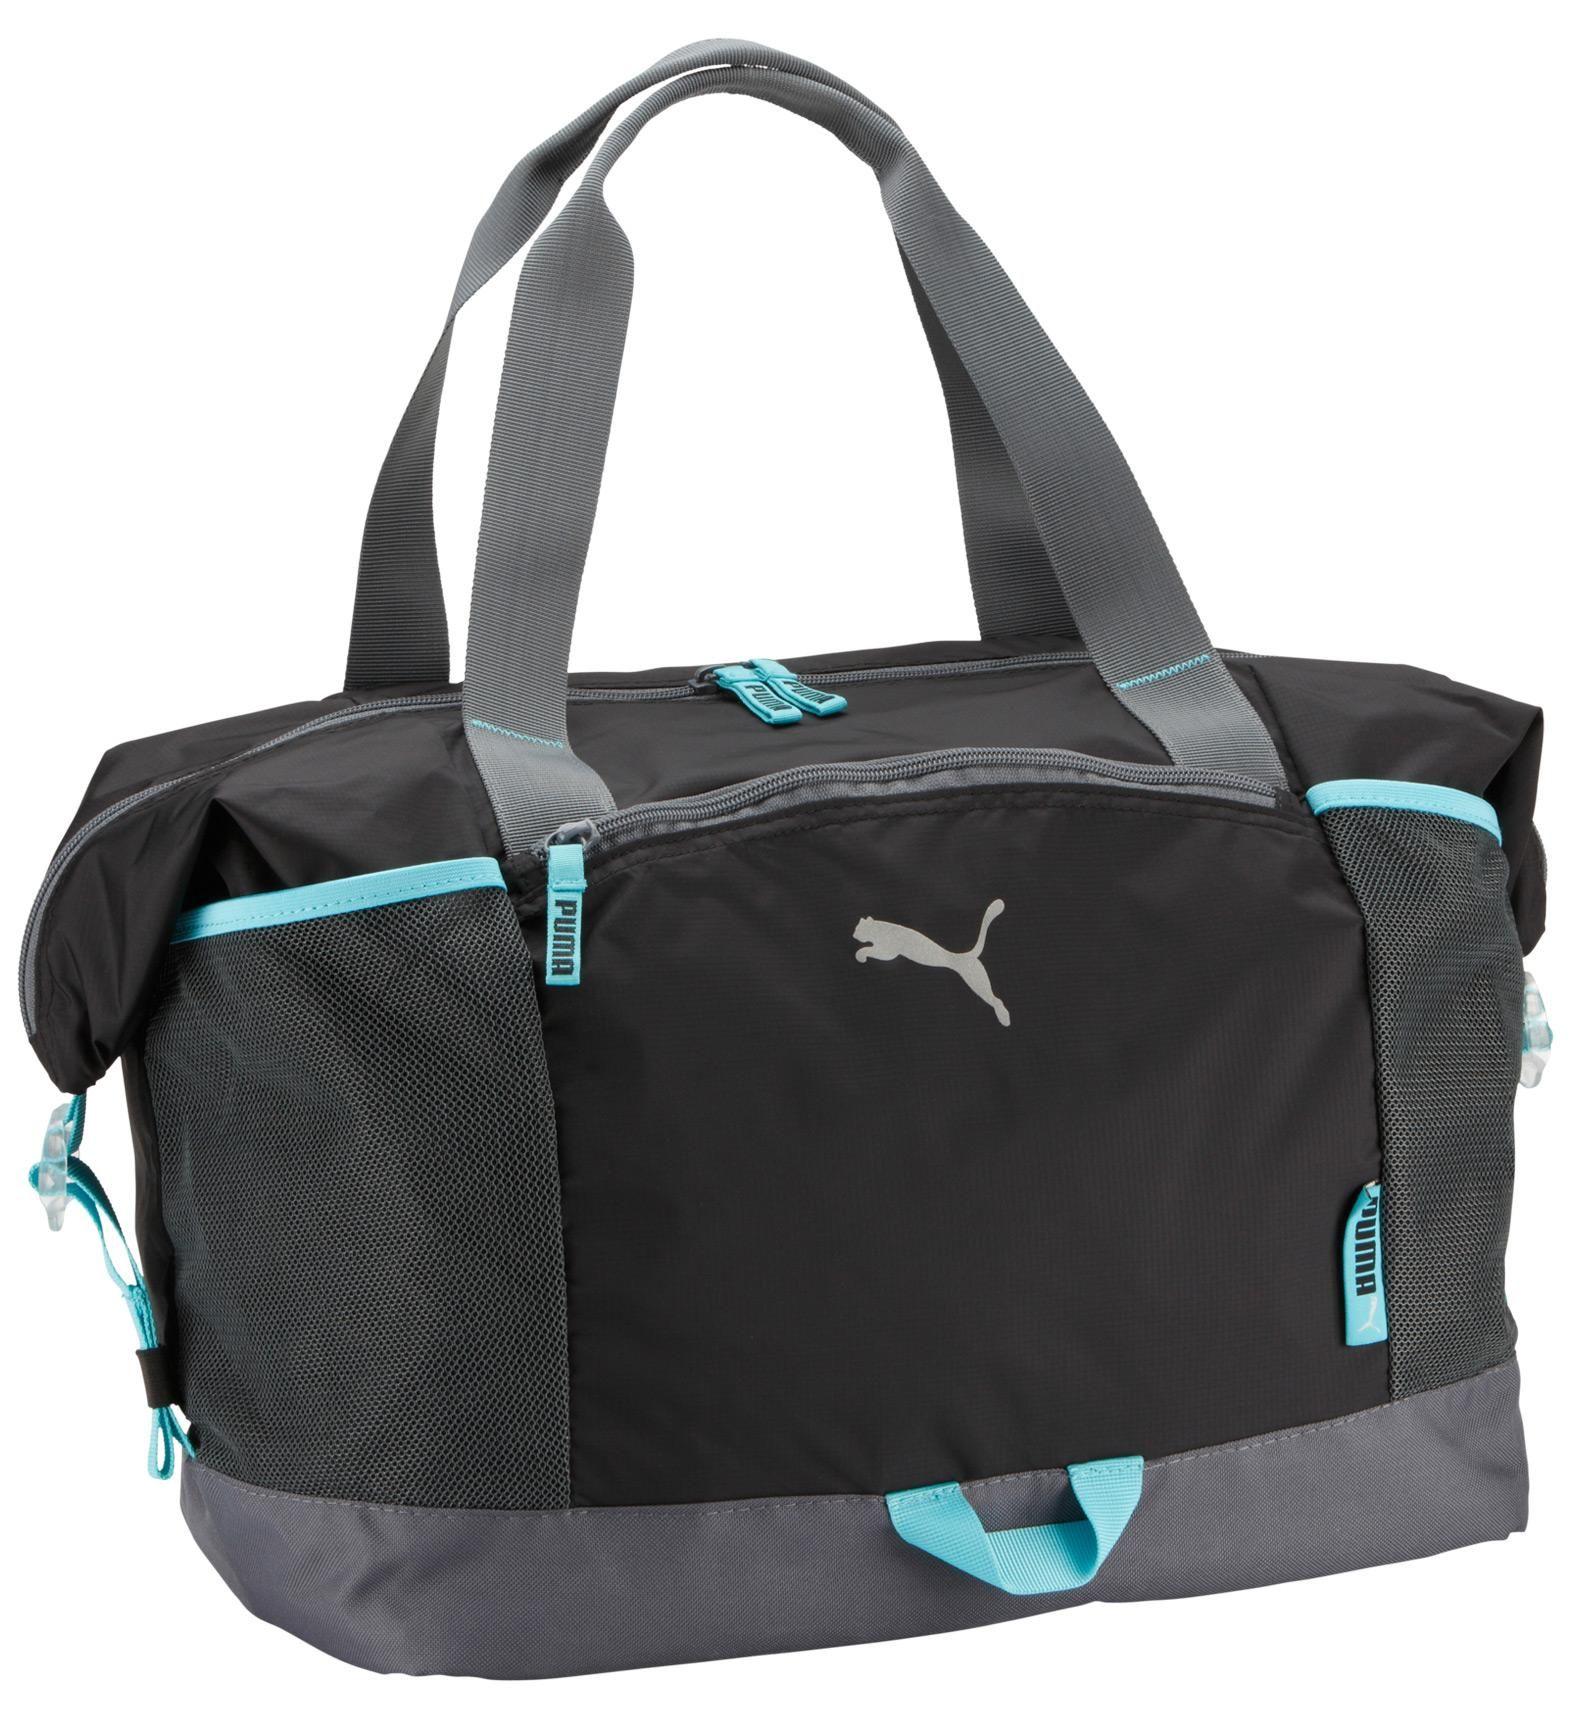 ... Blue and Black Puma Bag Sac Fitness Workout pour femme Puma Bleu et  Noir san francisco ... 67095bac550ee